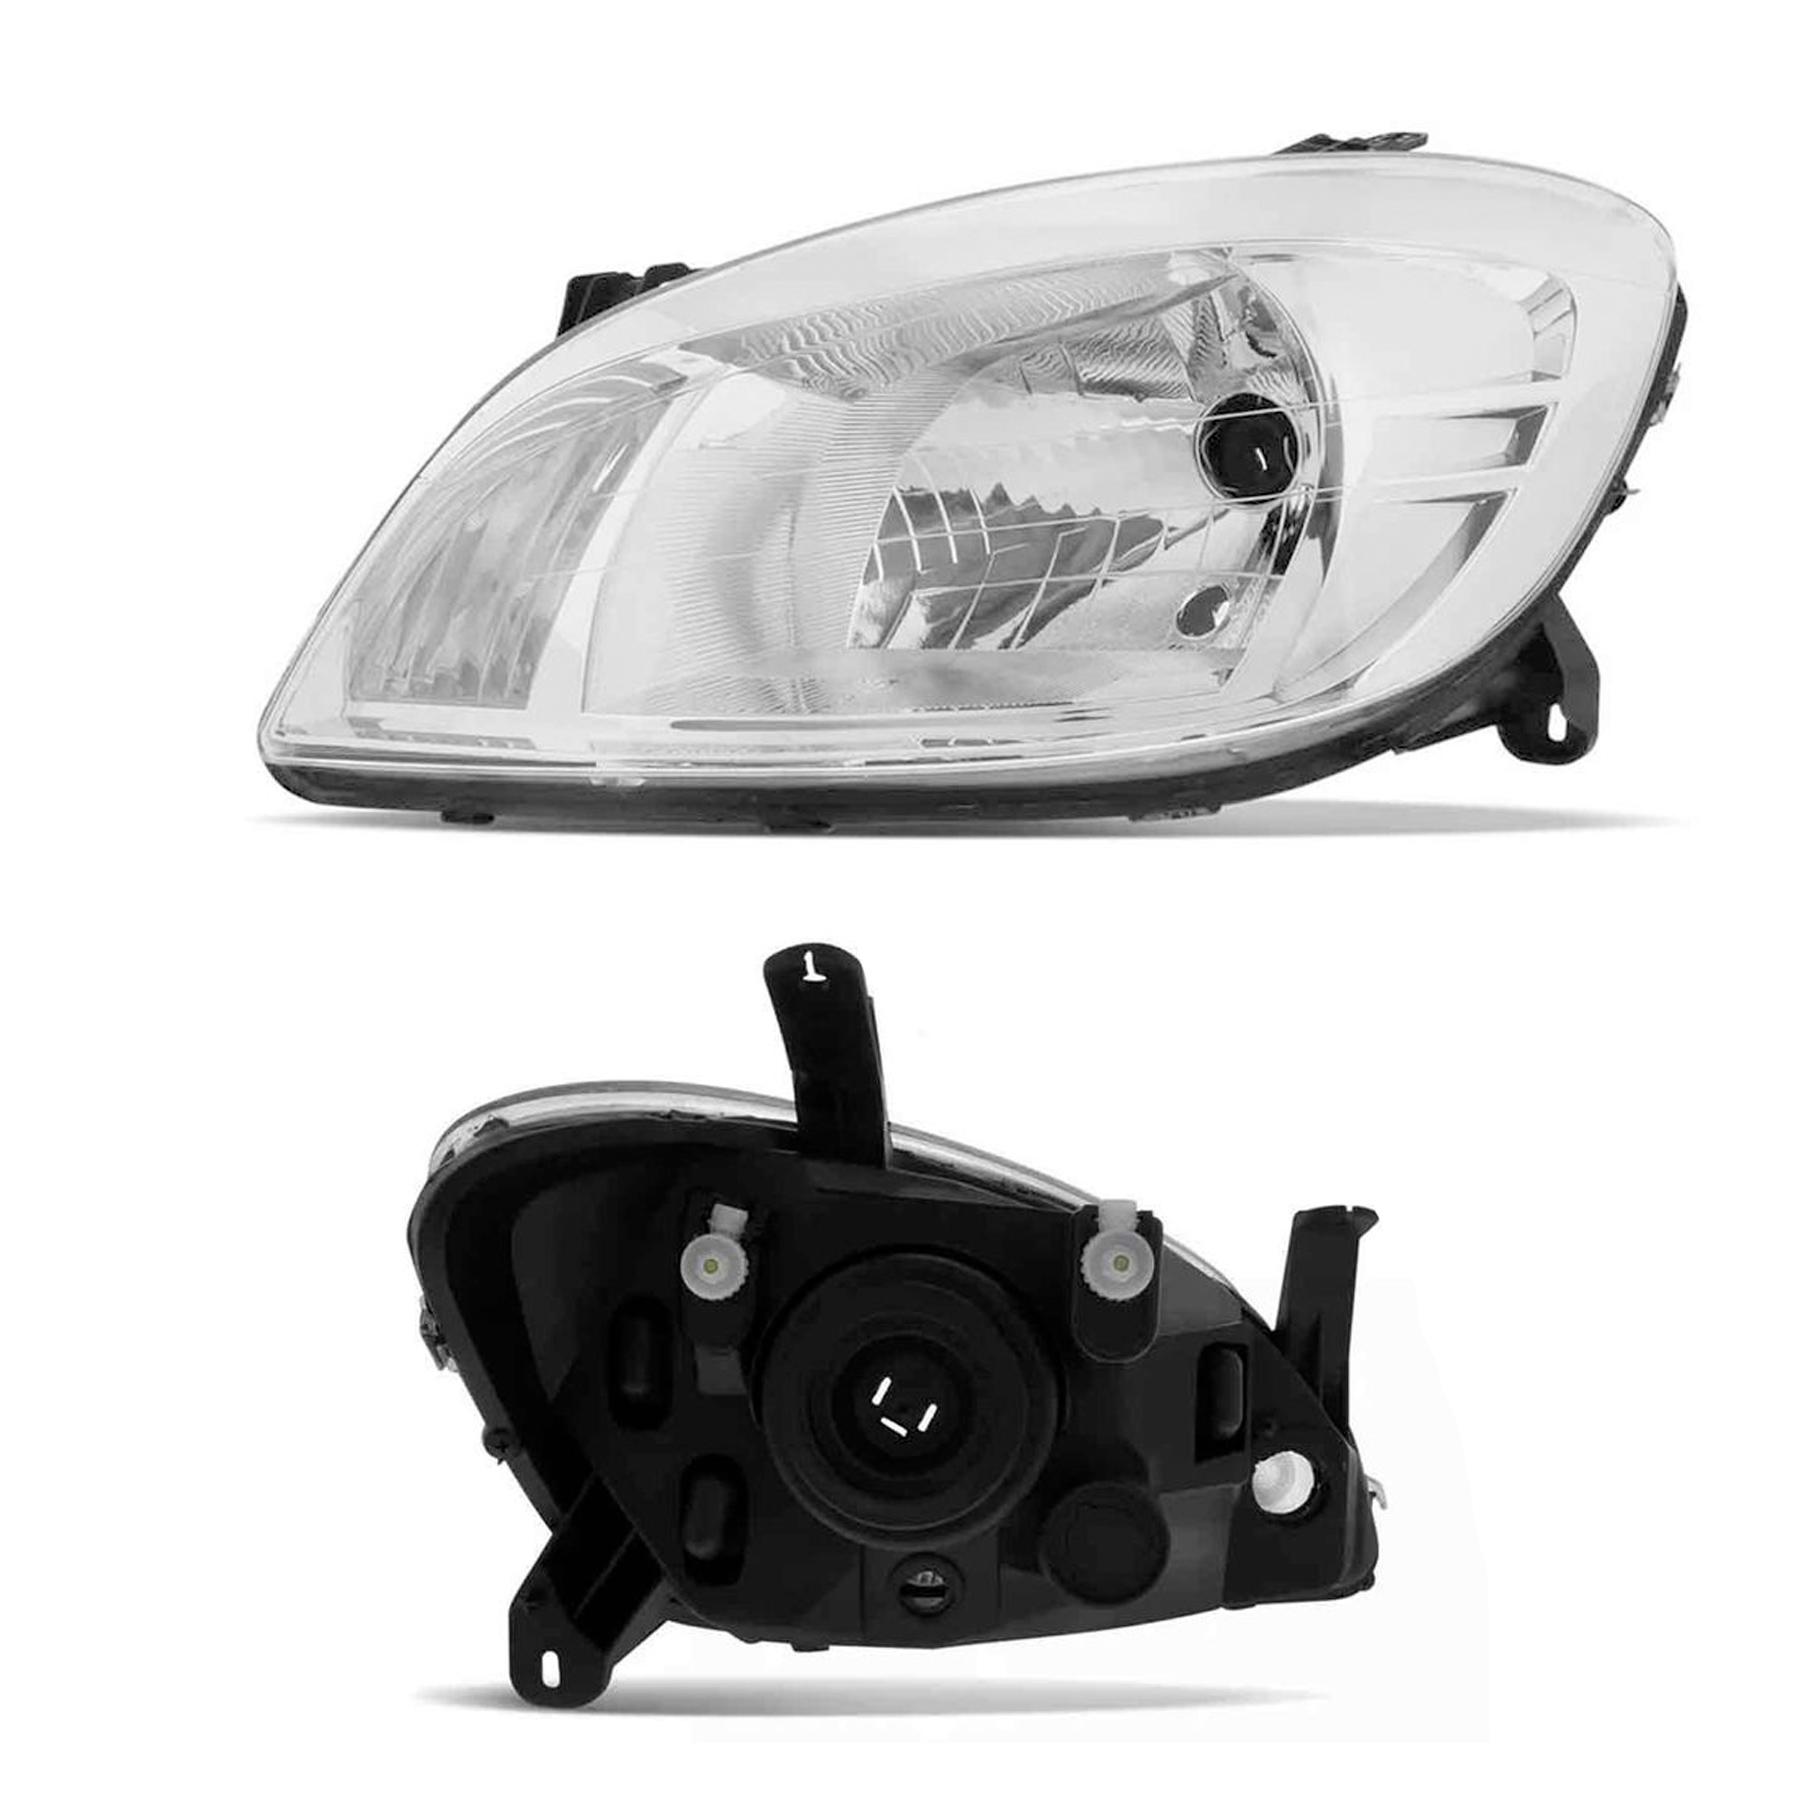 Farol Esquerdo Chevrolet Celta 2006 a 2015 Prisma 2007 a 2012 Cromado Foco Simples com Pisca Integrado arteb original